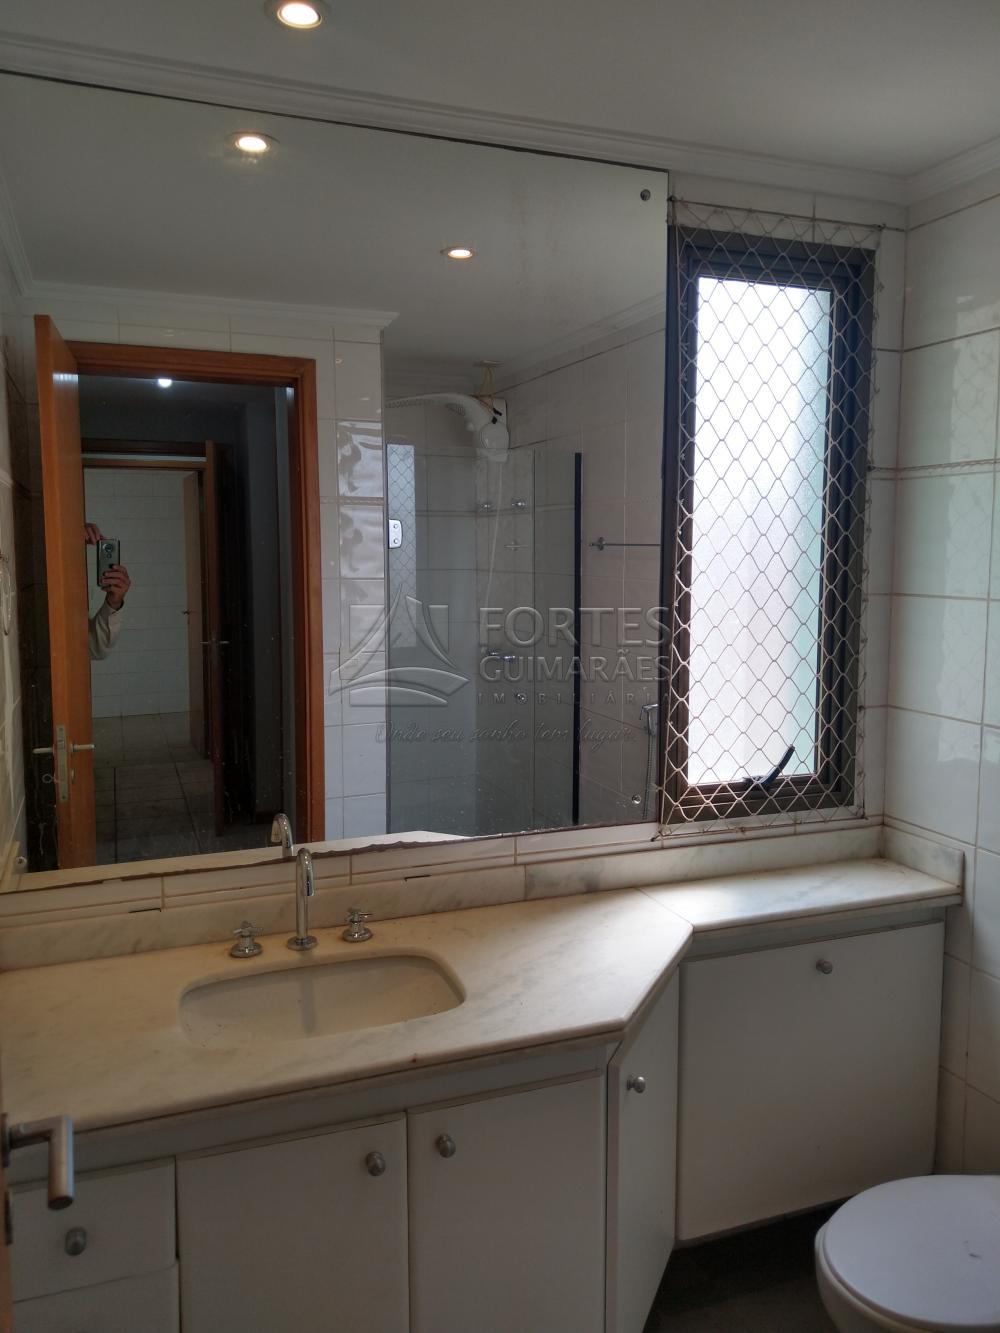 Alugar Apartamentos / Padrão em Ribeirão Preto apenas R$ 1.600,00 - Foto 62